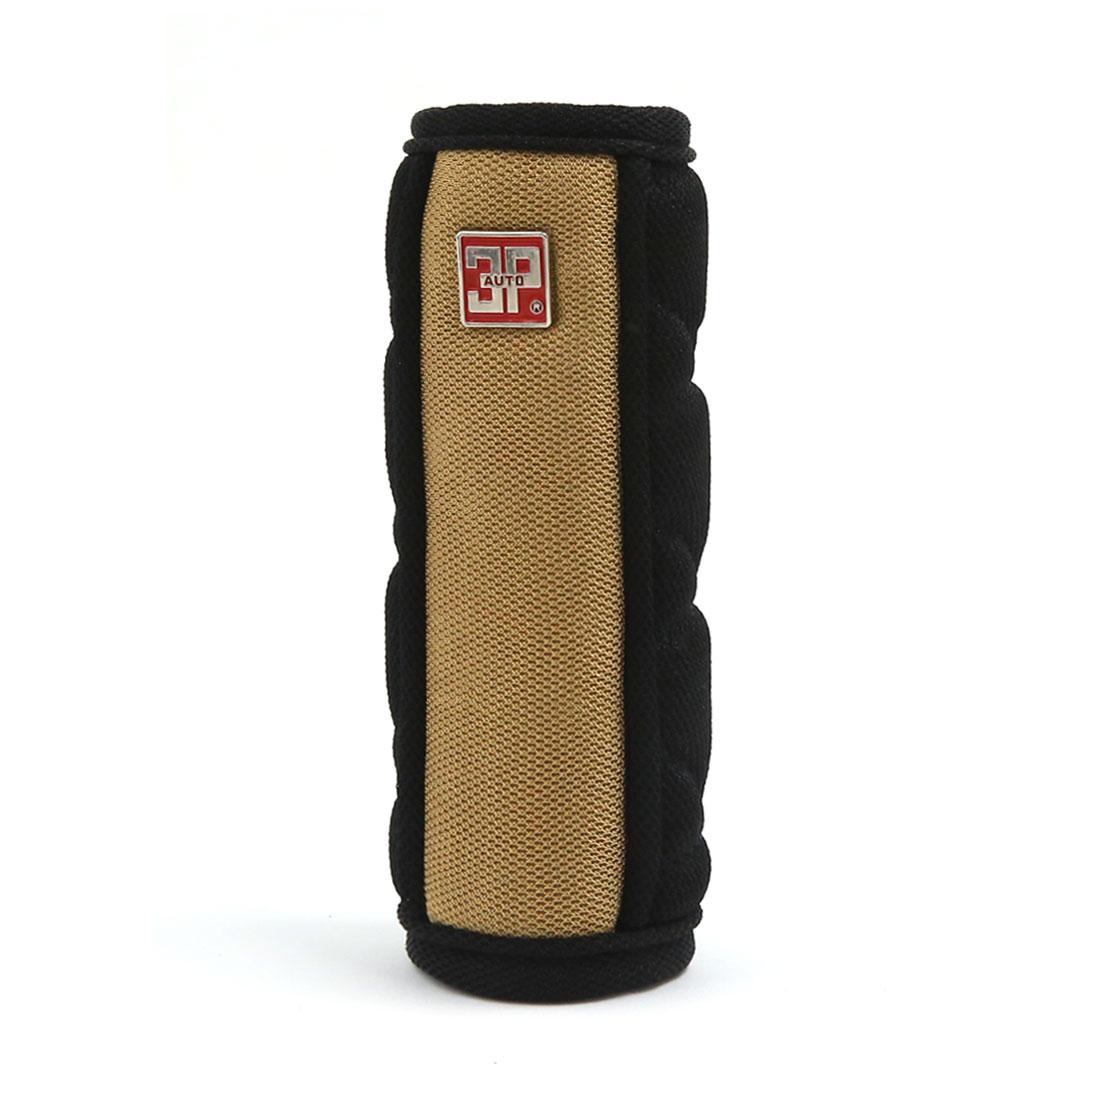 Universal Car Truck Nylon Sponge Padded Handbrake Lever Cover Sleeve Brown Black